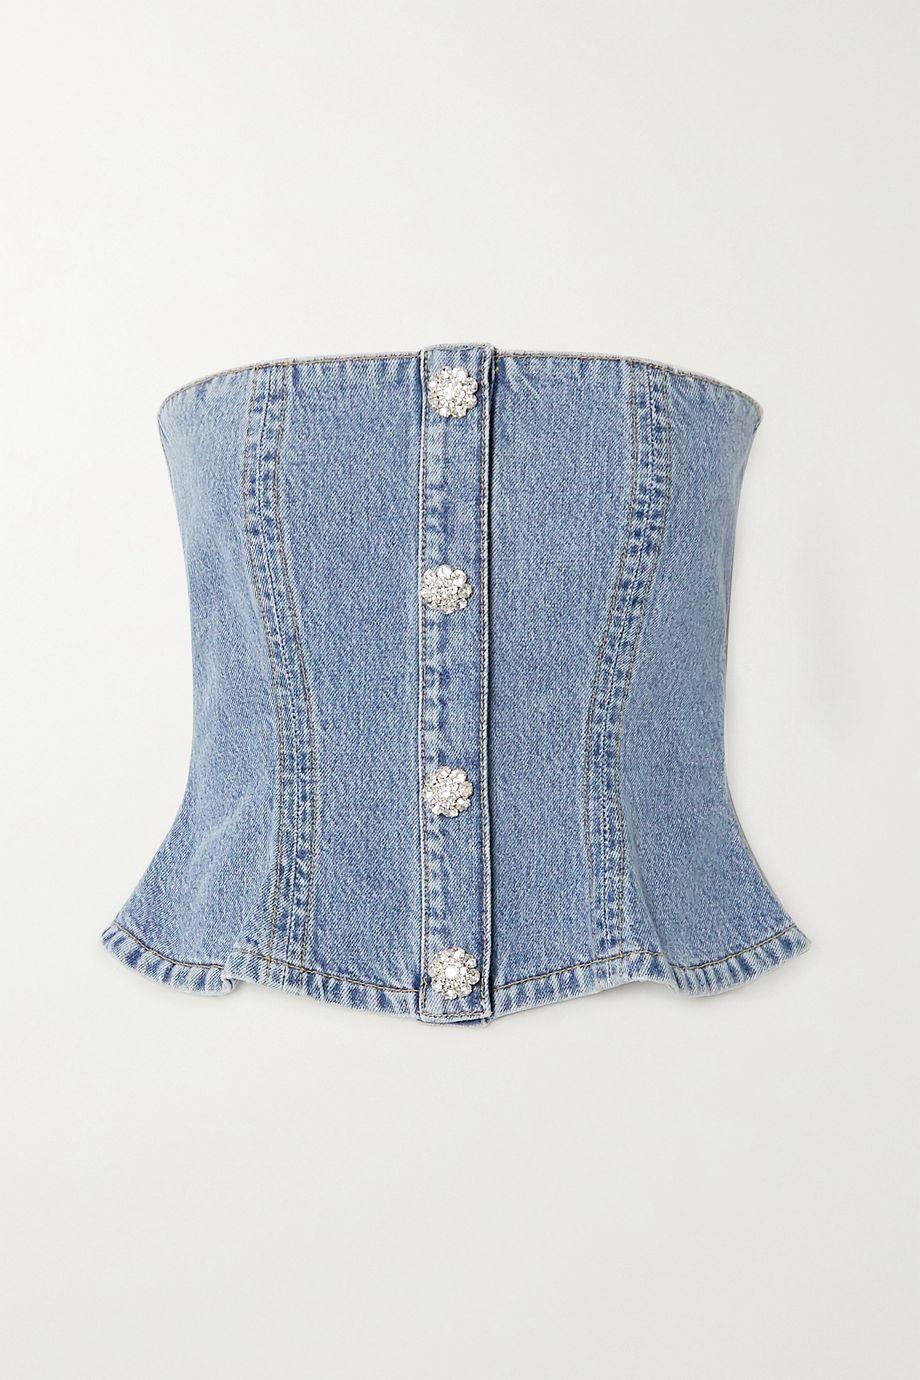 GANNI Crystal-embellished denim bustier top